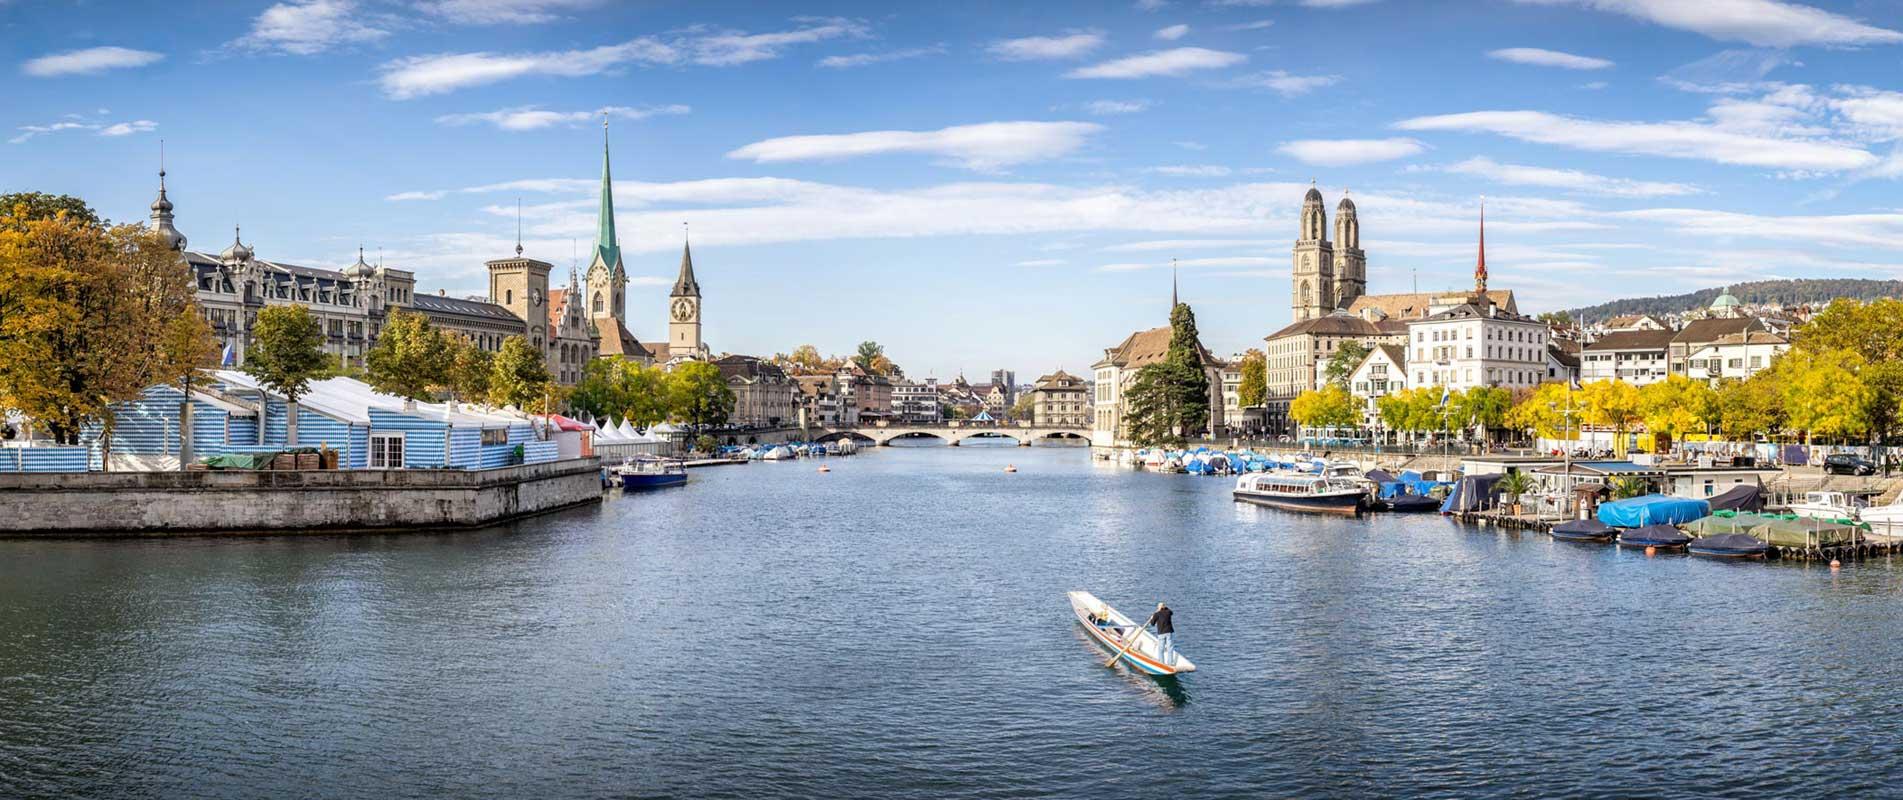 Zürich am Fluss